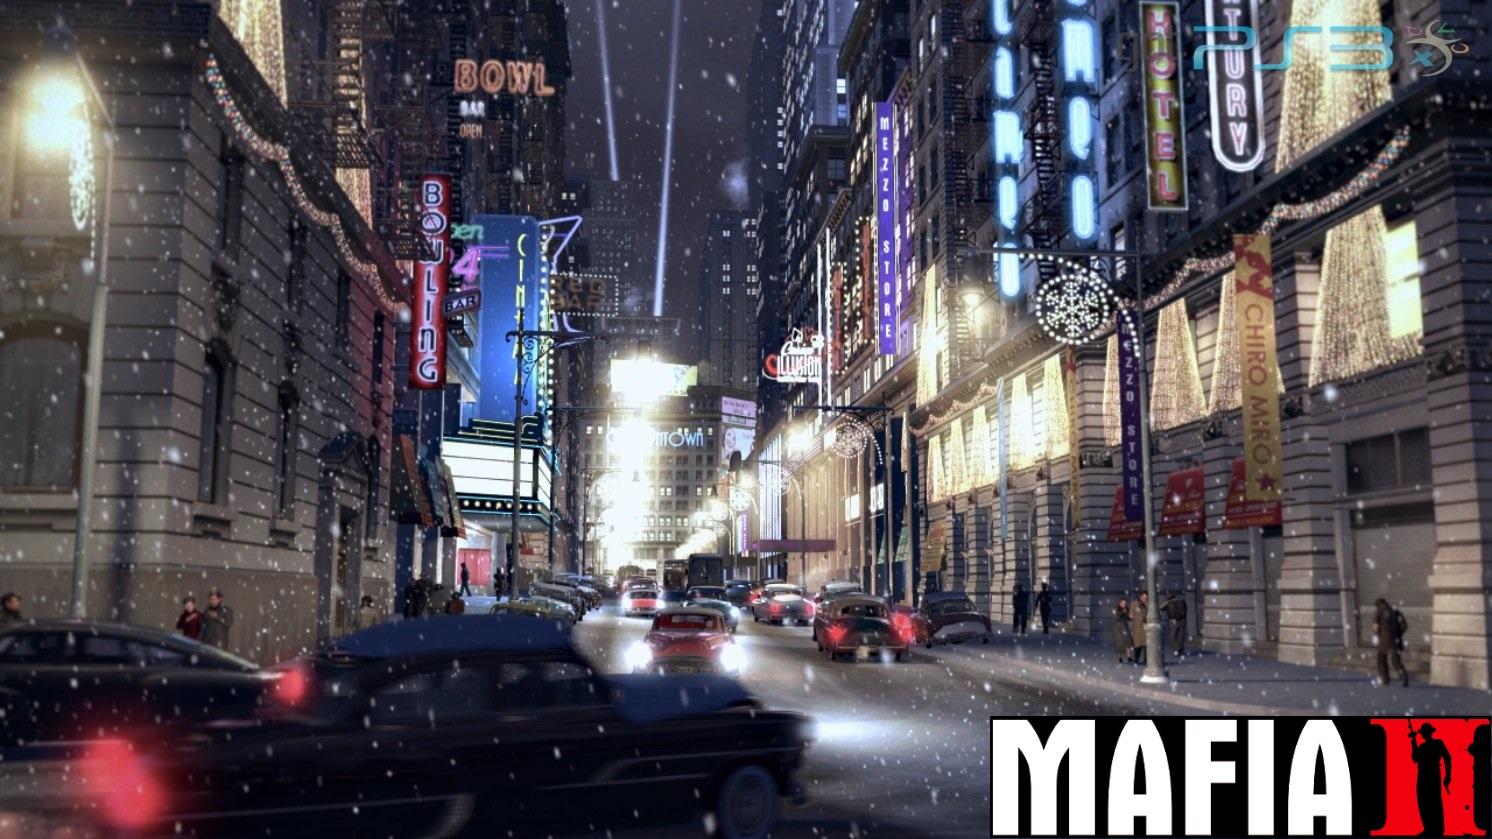 mafia_ii_202014050